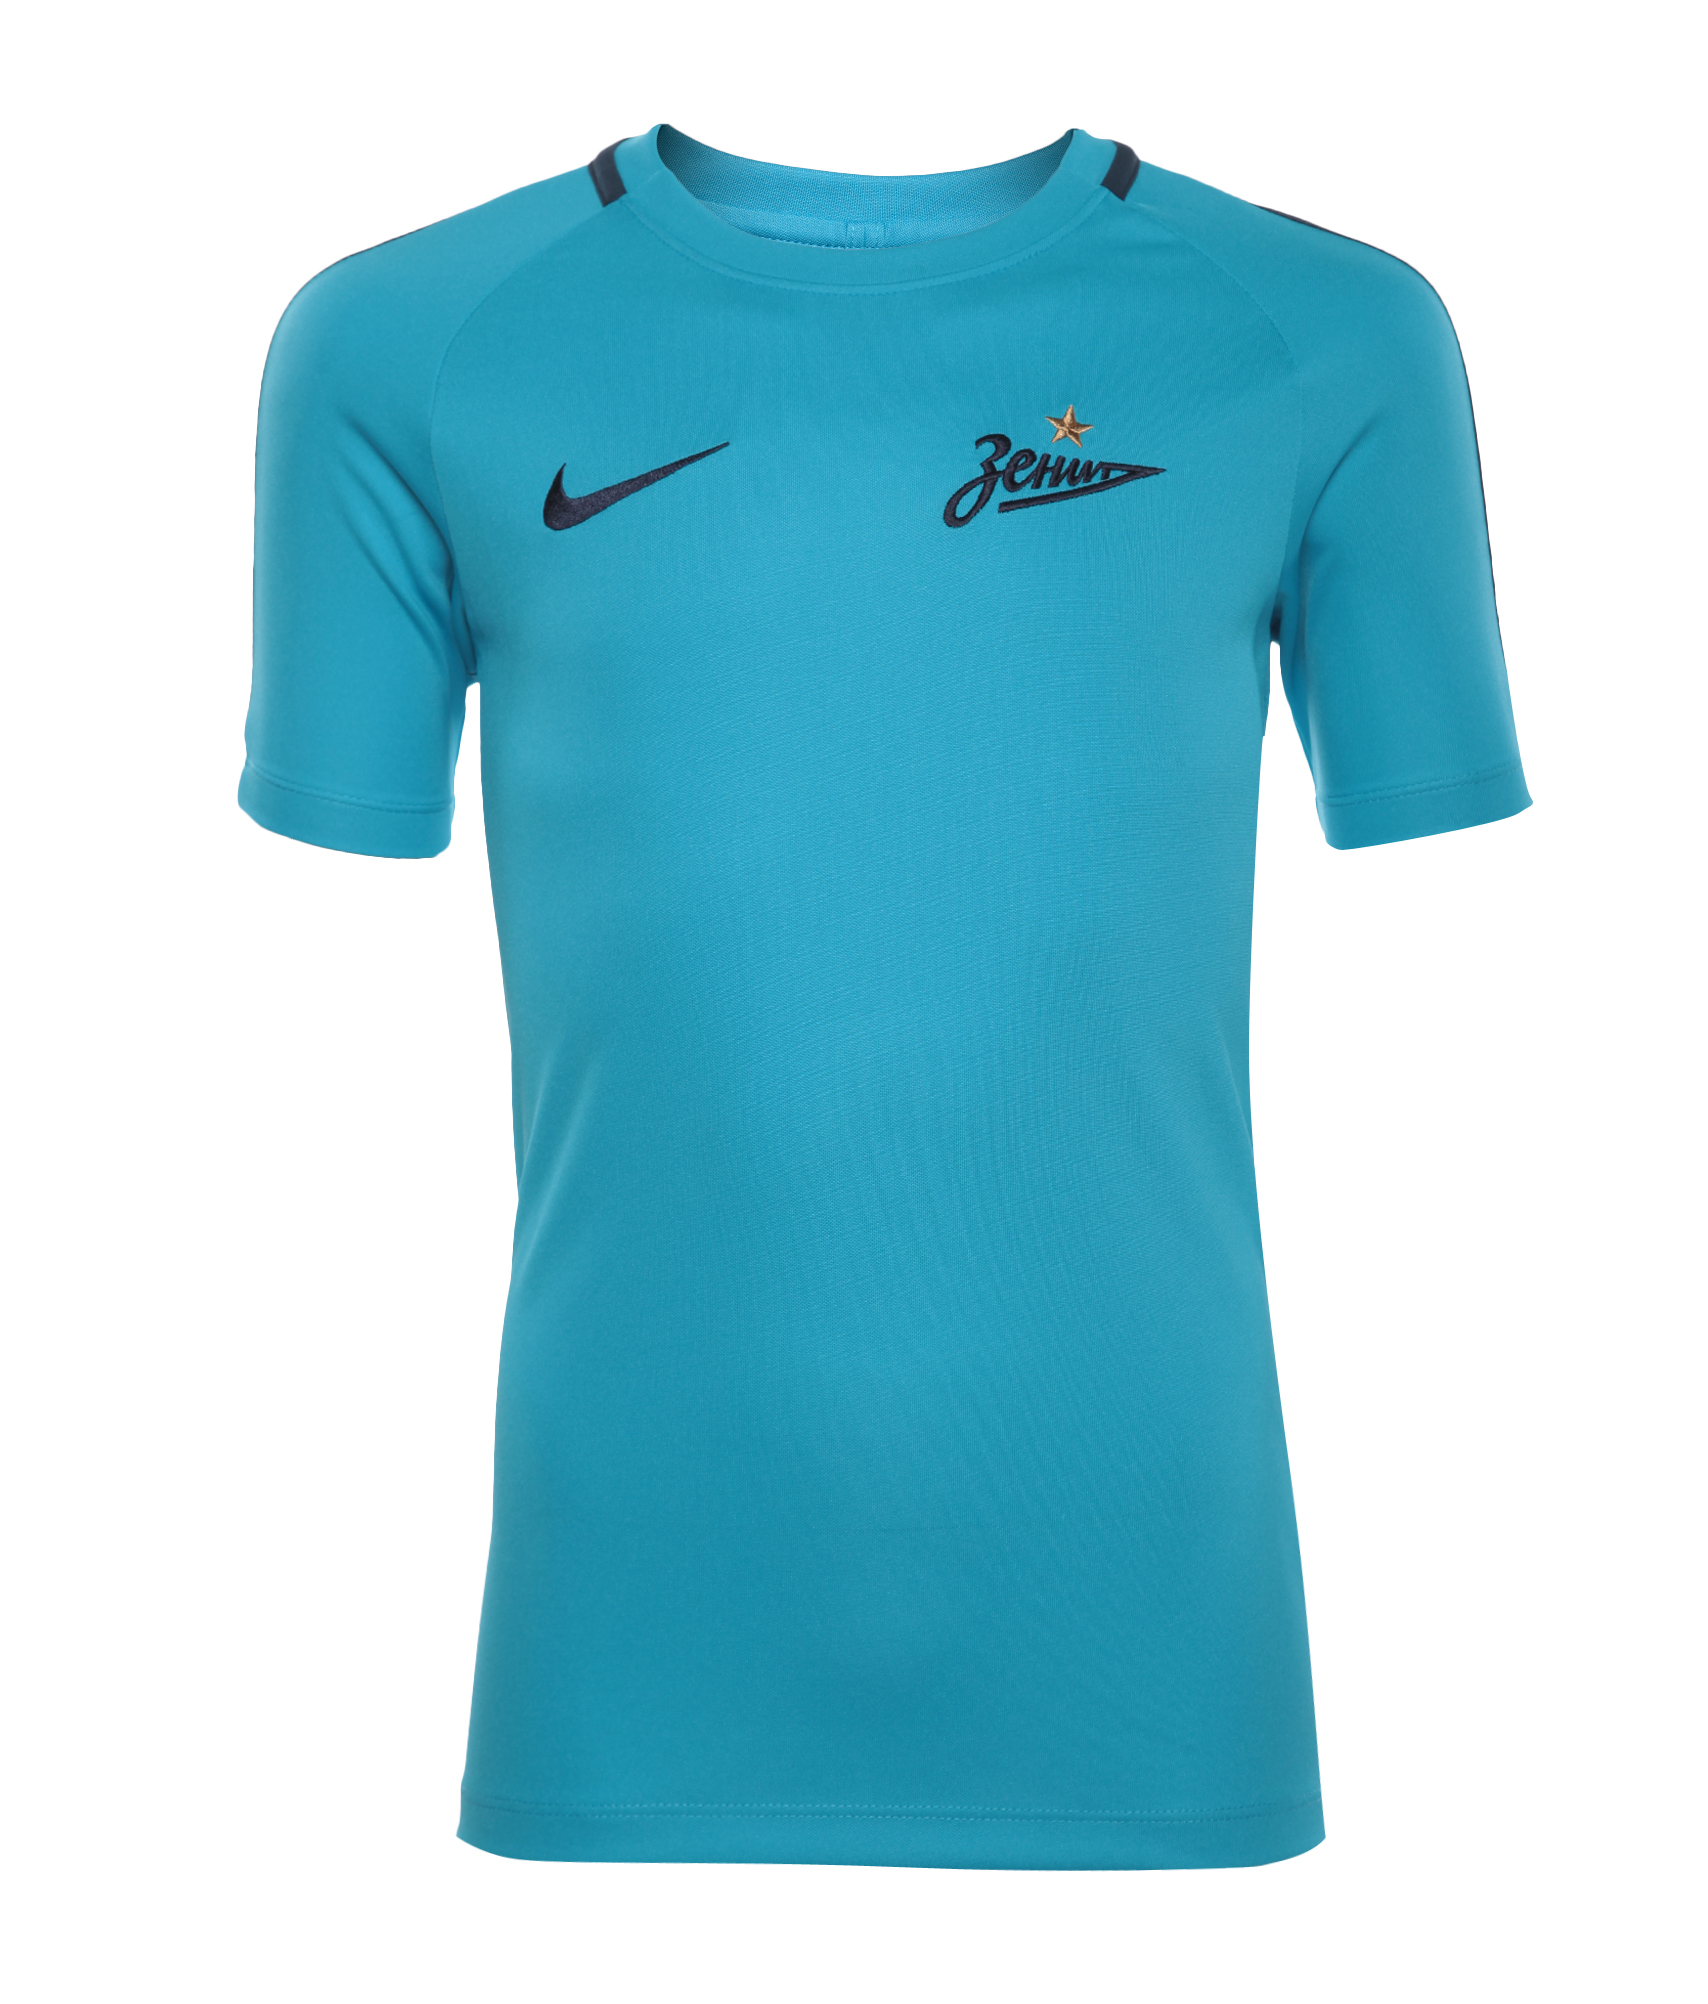 Футболка тренировочная подростковая Nike Nike Цвет-Синий футболка тренировочная подростковая nike размер xs